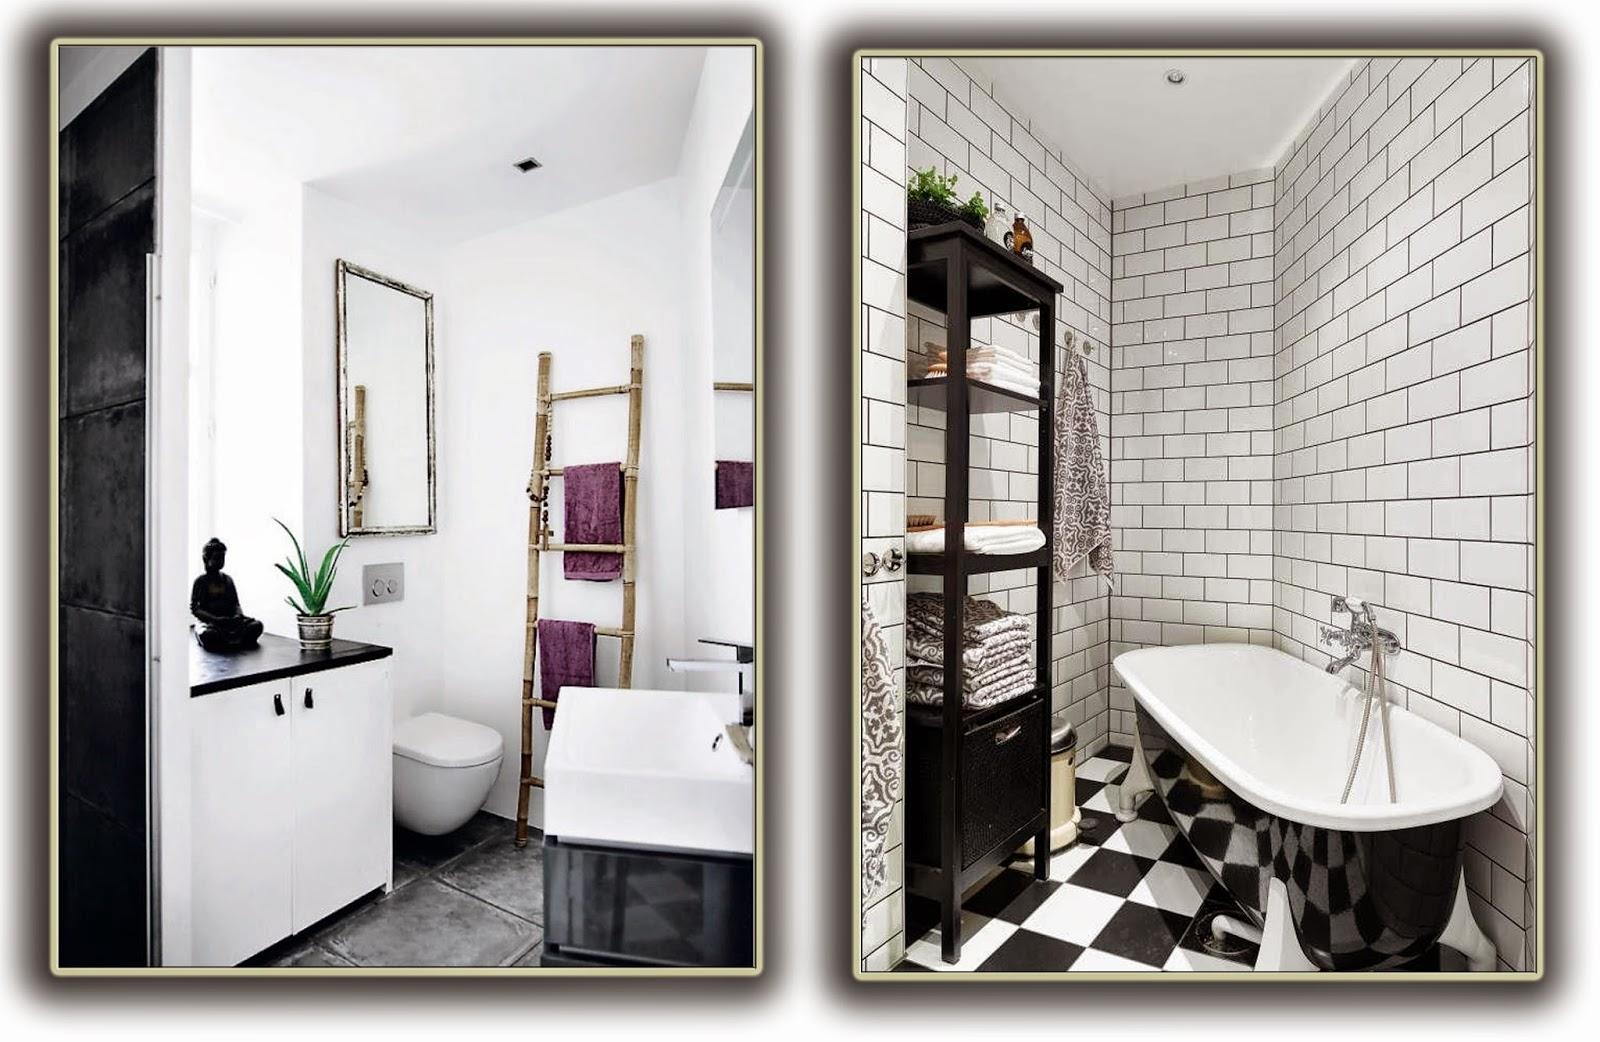 Piastrelle nere per bagno collezione game mosaici di ceramica per